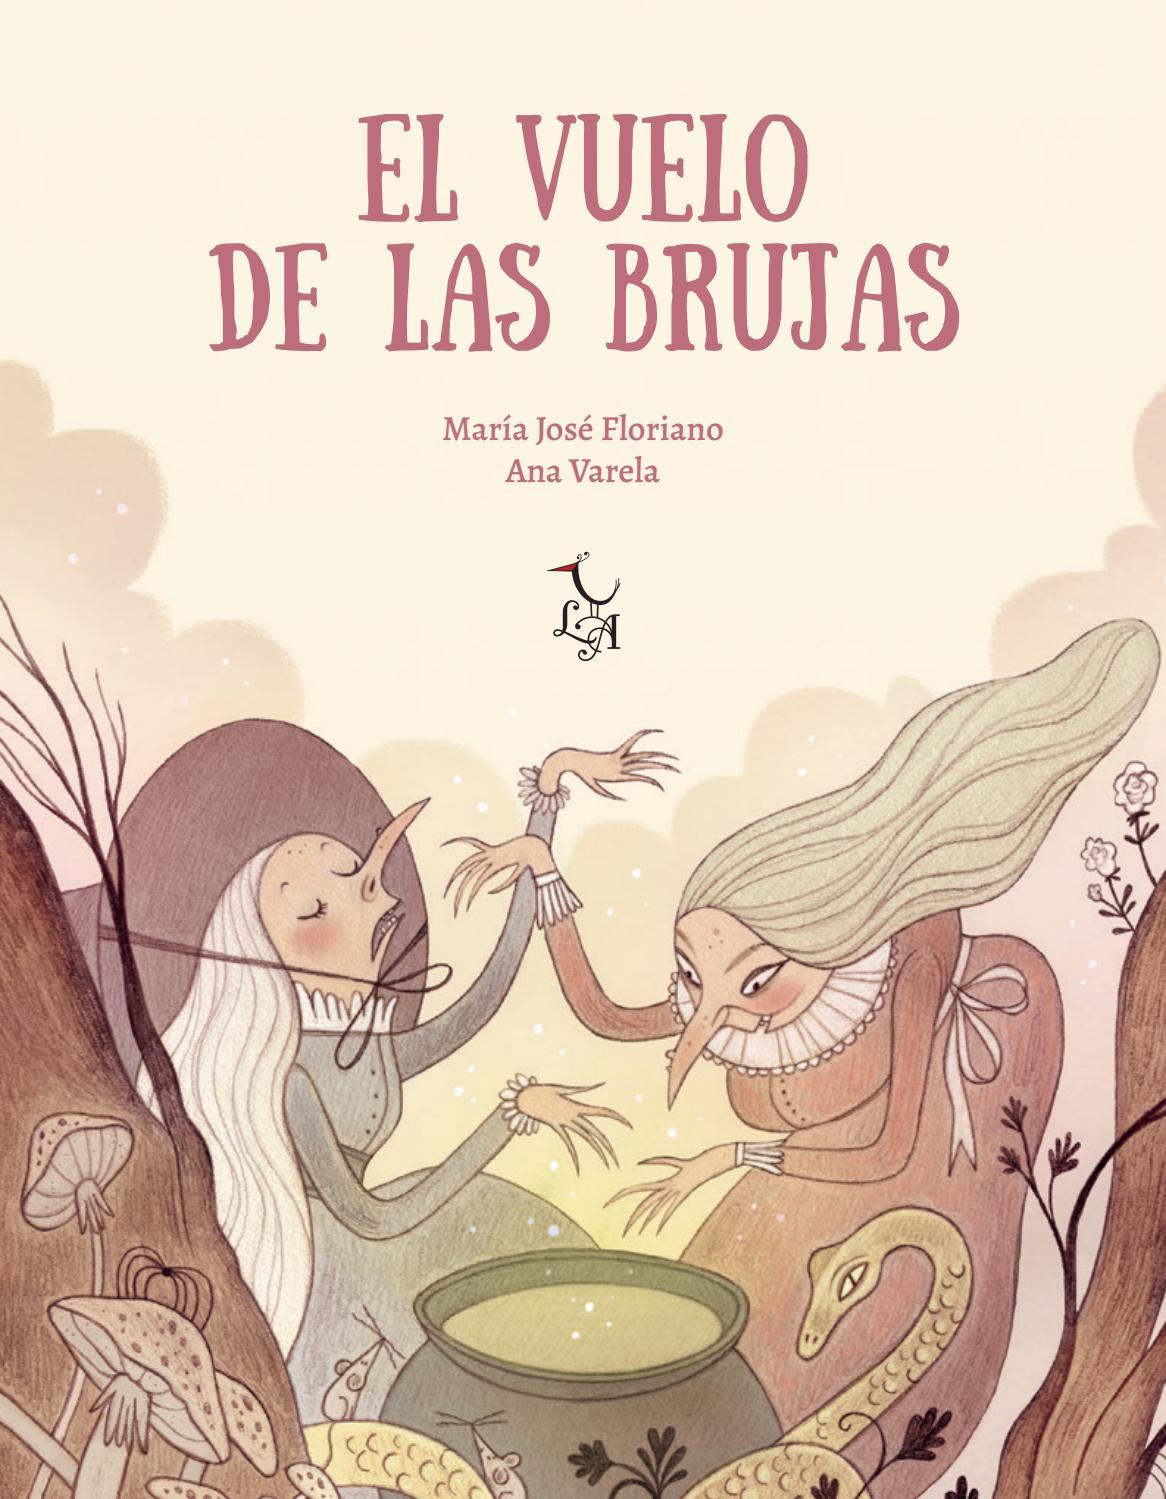 El Vuelo De Las Brujas María José Floriano Ana Varela Libre Albedrío By Book149 Issuu